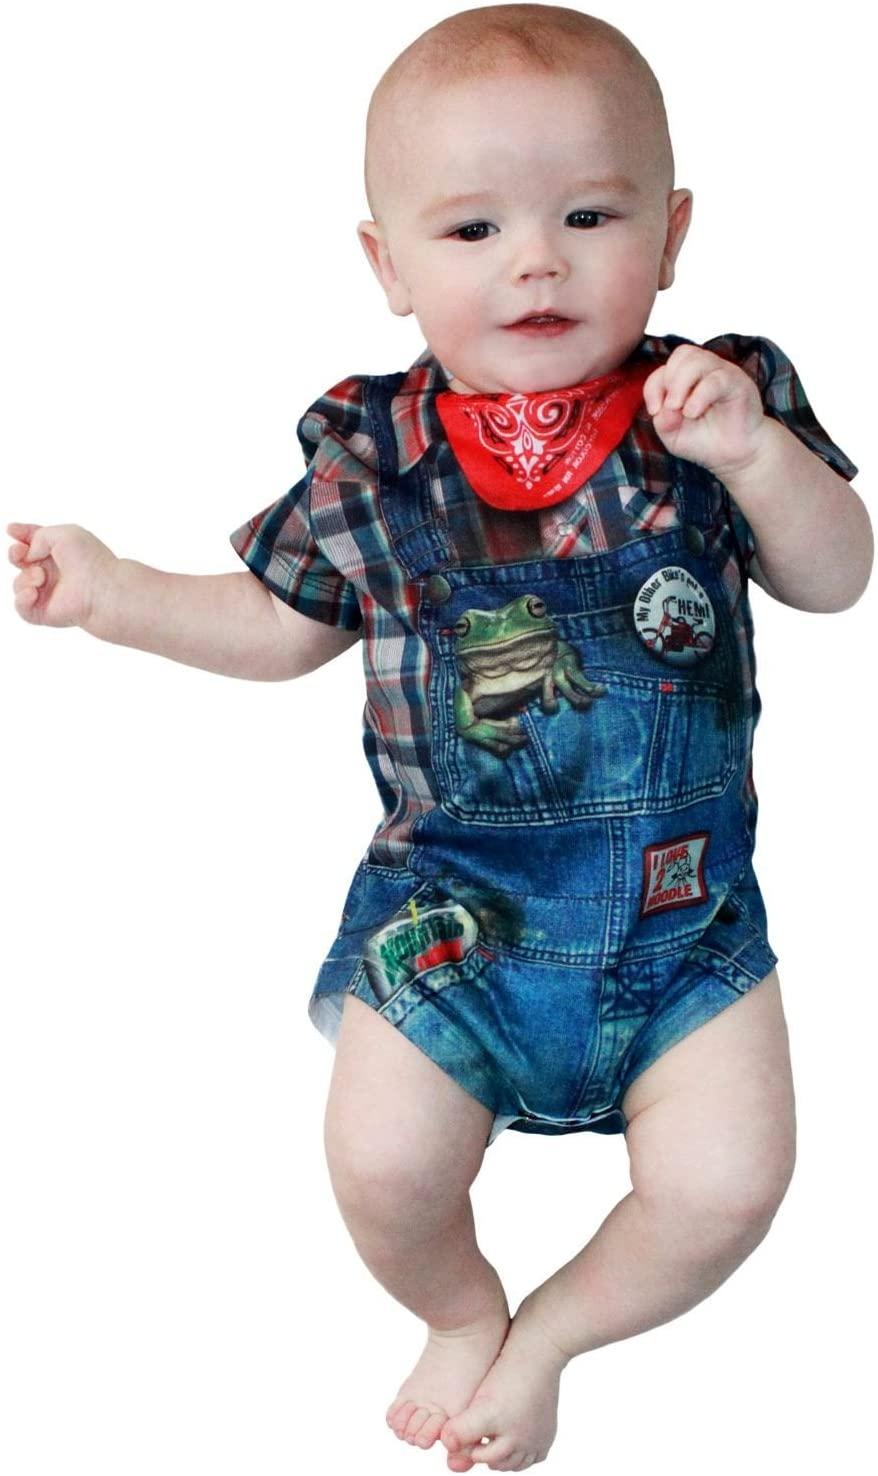 Hillbilly Farmer Romper Infant Costume